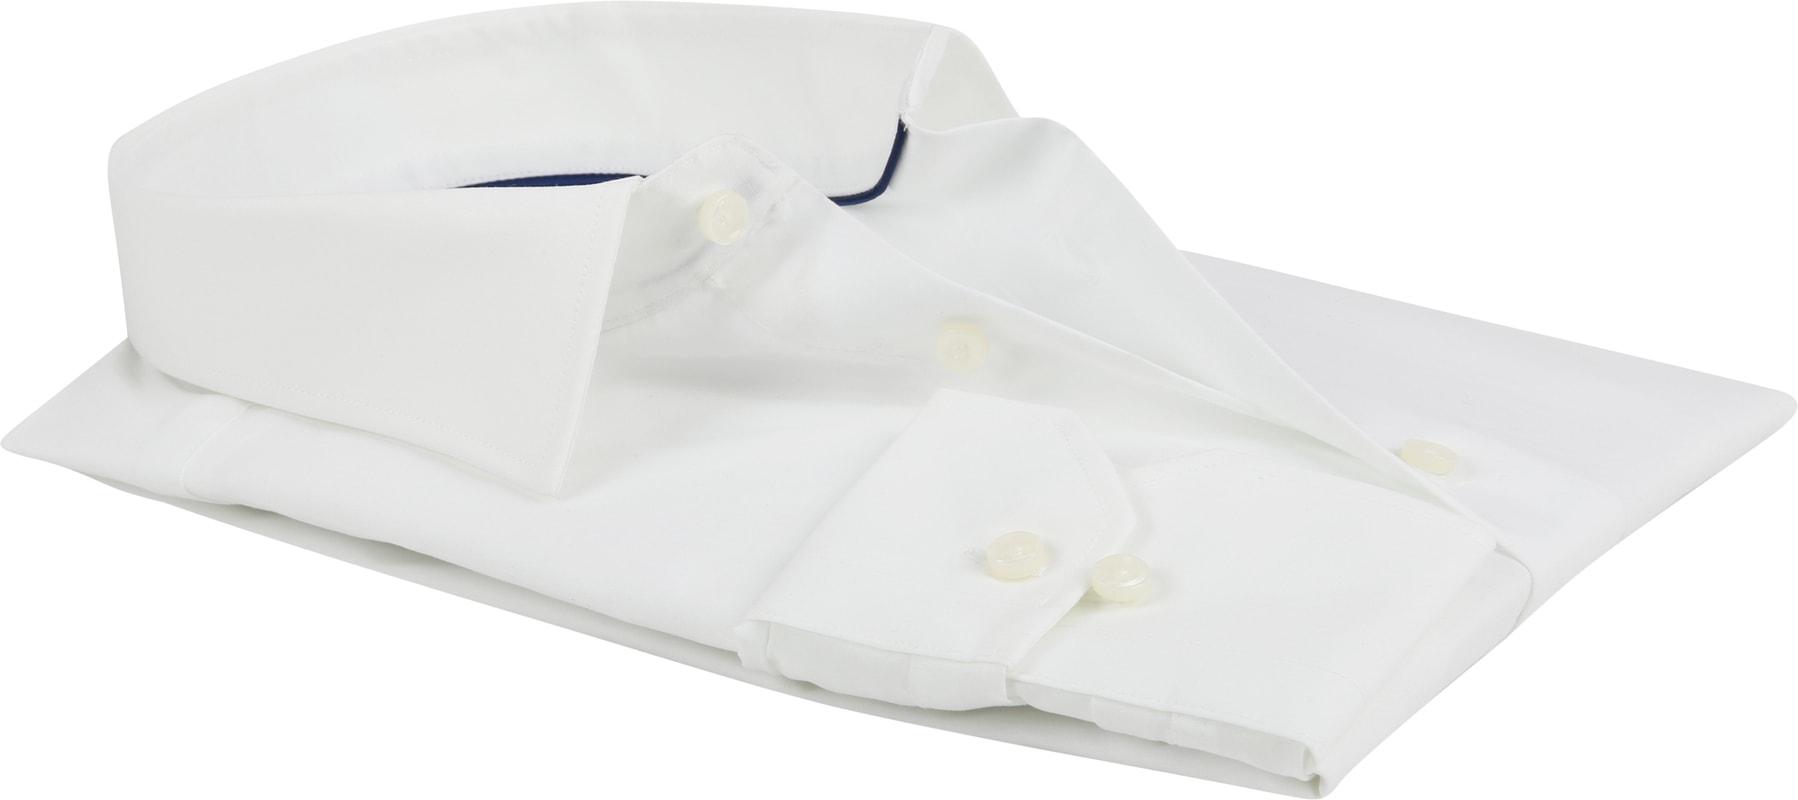 Van Gils Overhemd Extreme Wit foto 3